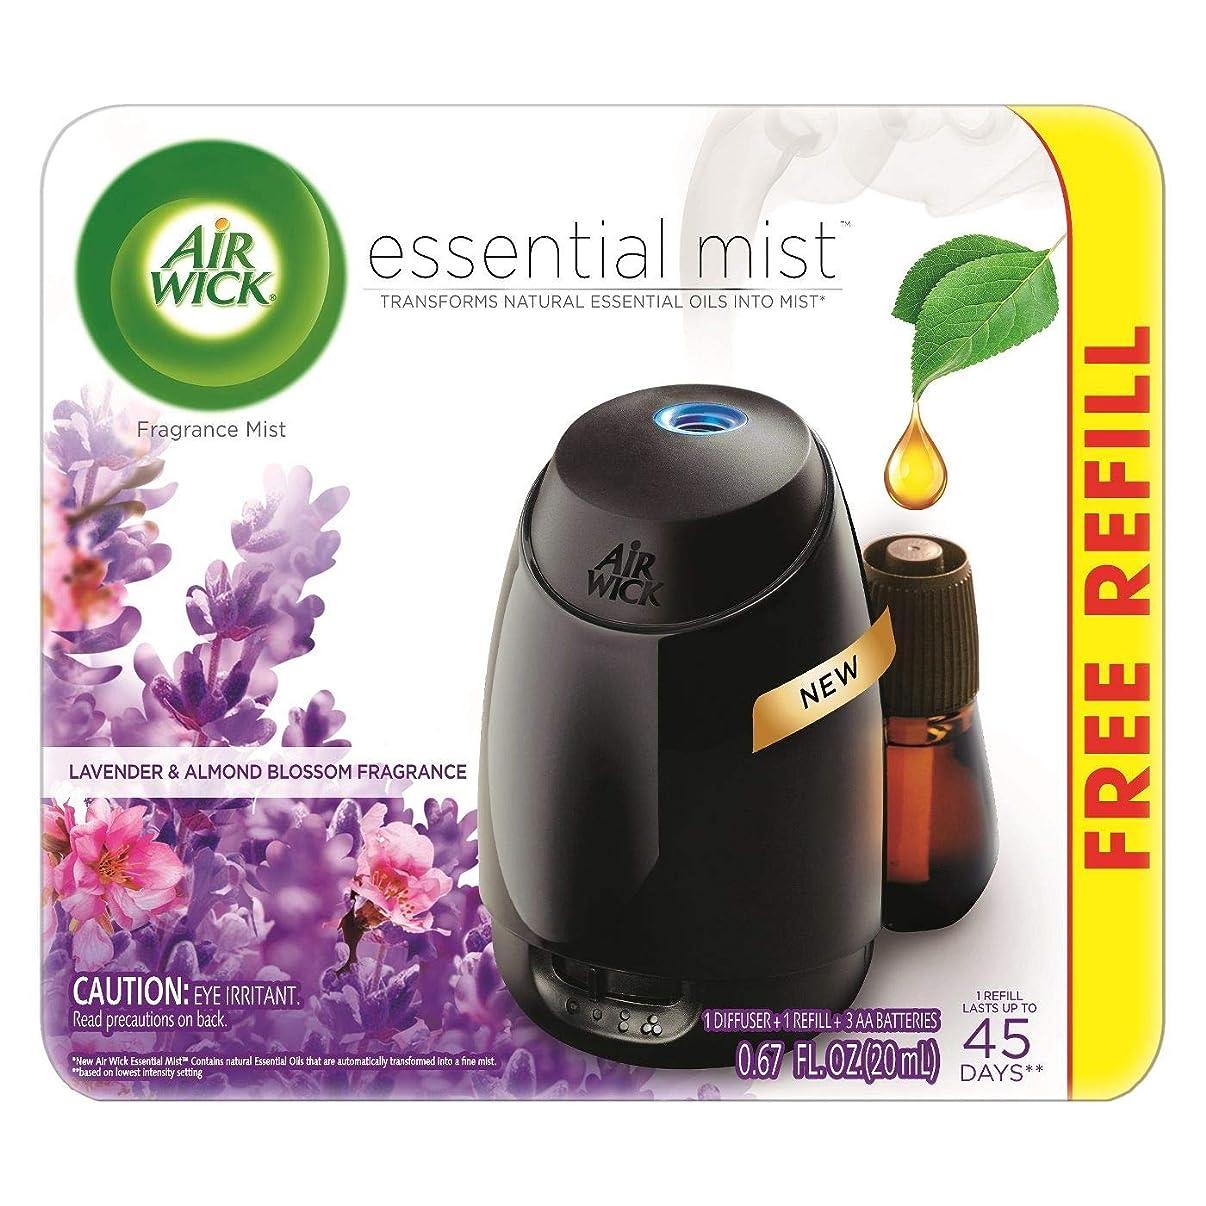 戸棚俳優標高Air Wick Fresh Lavender & Almond Blossom Fragrance Essential エアーウィックフレッシュフレグランスエッセンシャルミスト本体+ ラベンダー&アーモンドブロッサム 芳香剤 20ml 、1パック [並行輸入品]